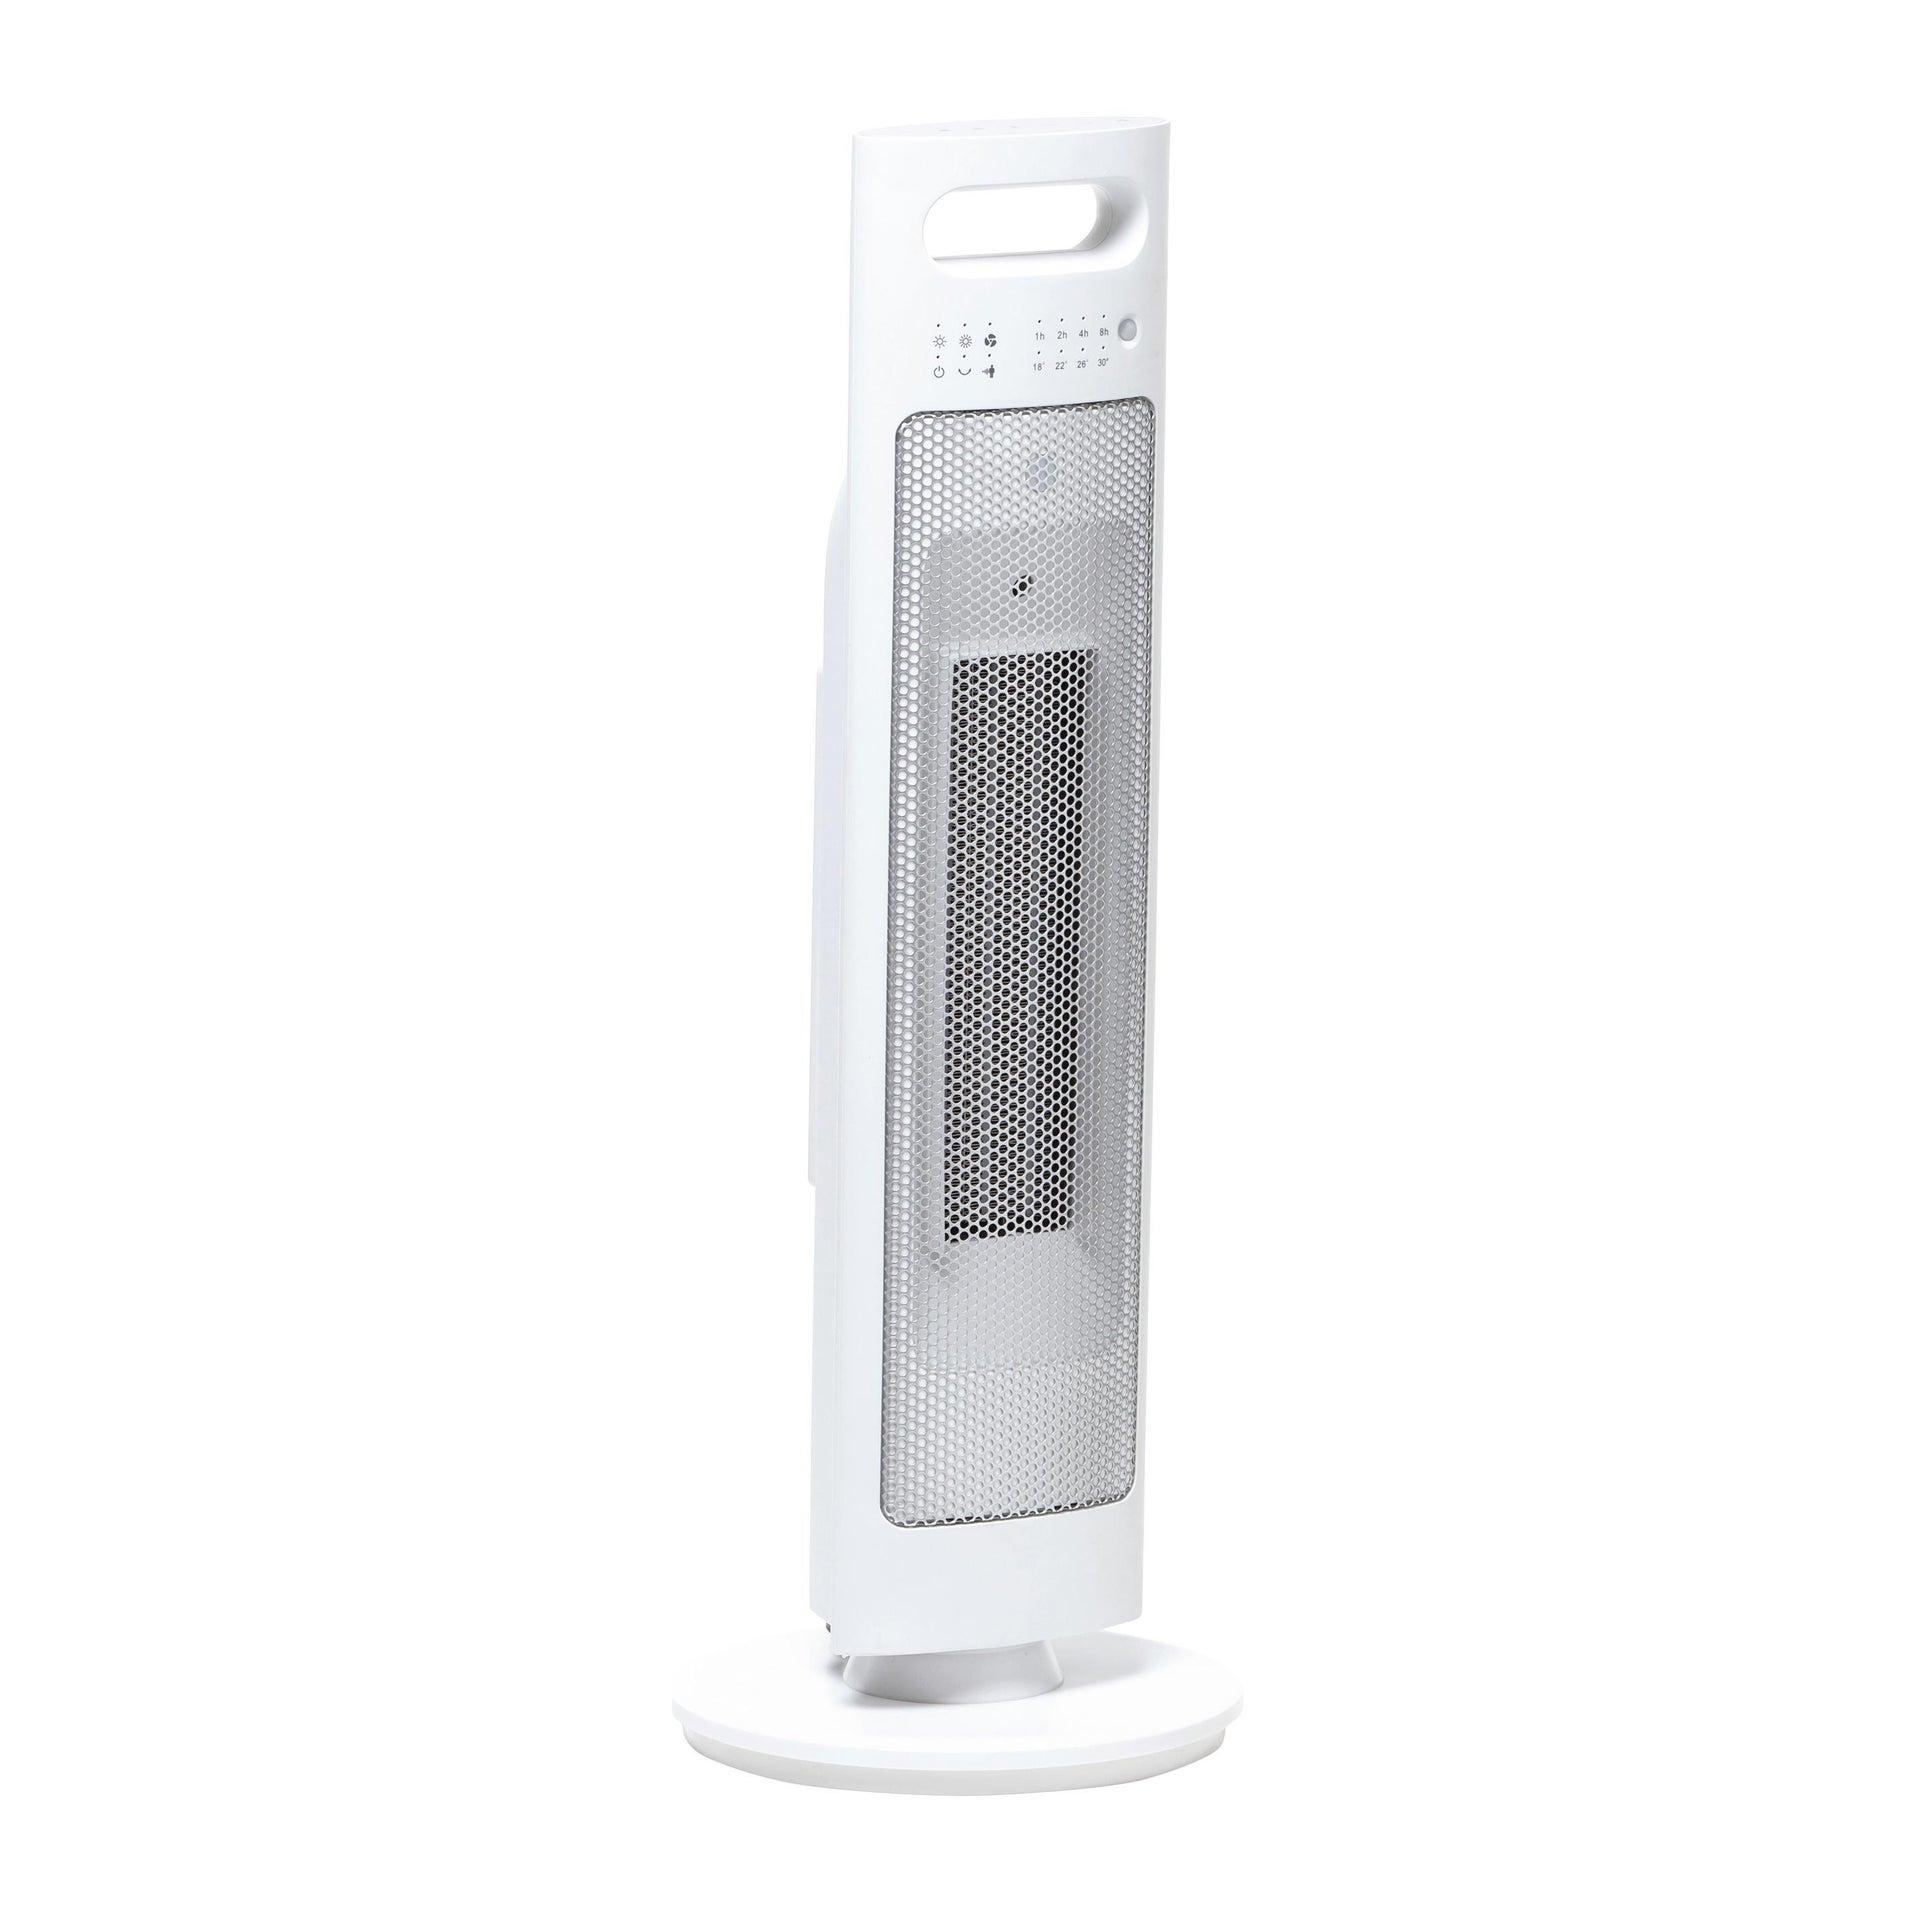 Termoventilatore elettrico EQUATION Presence bianco 2500 W - 1